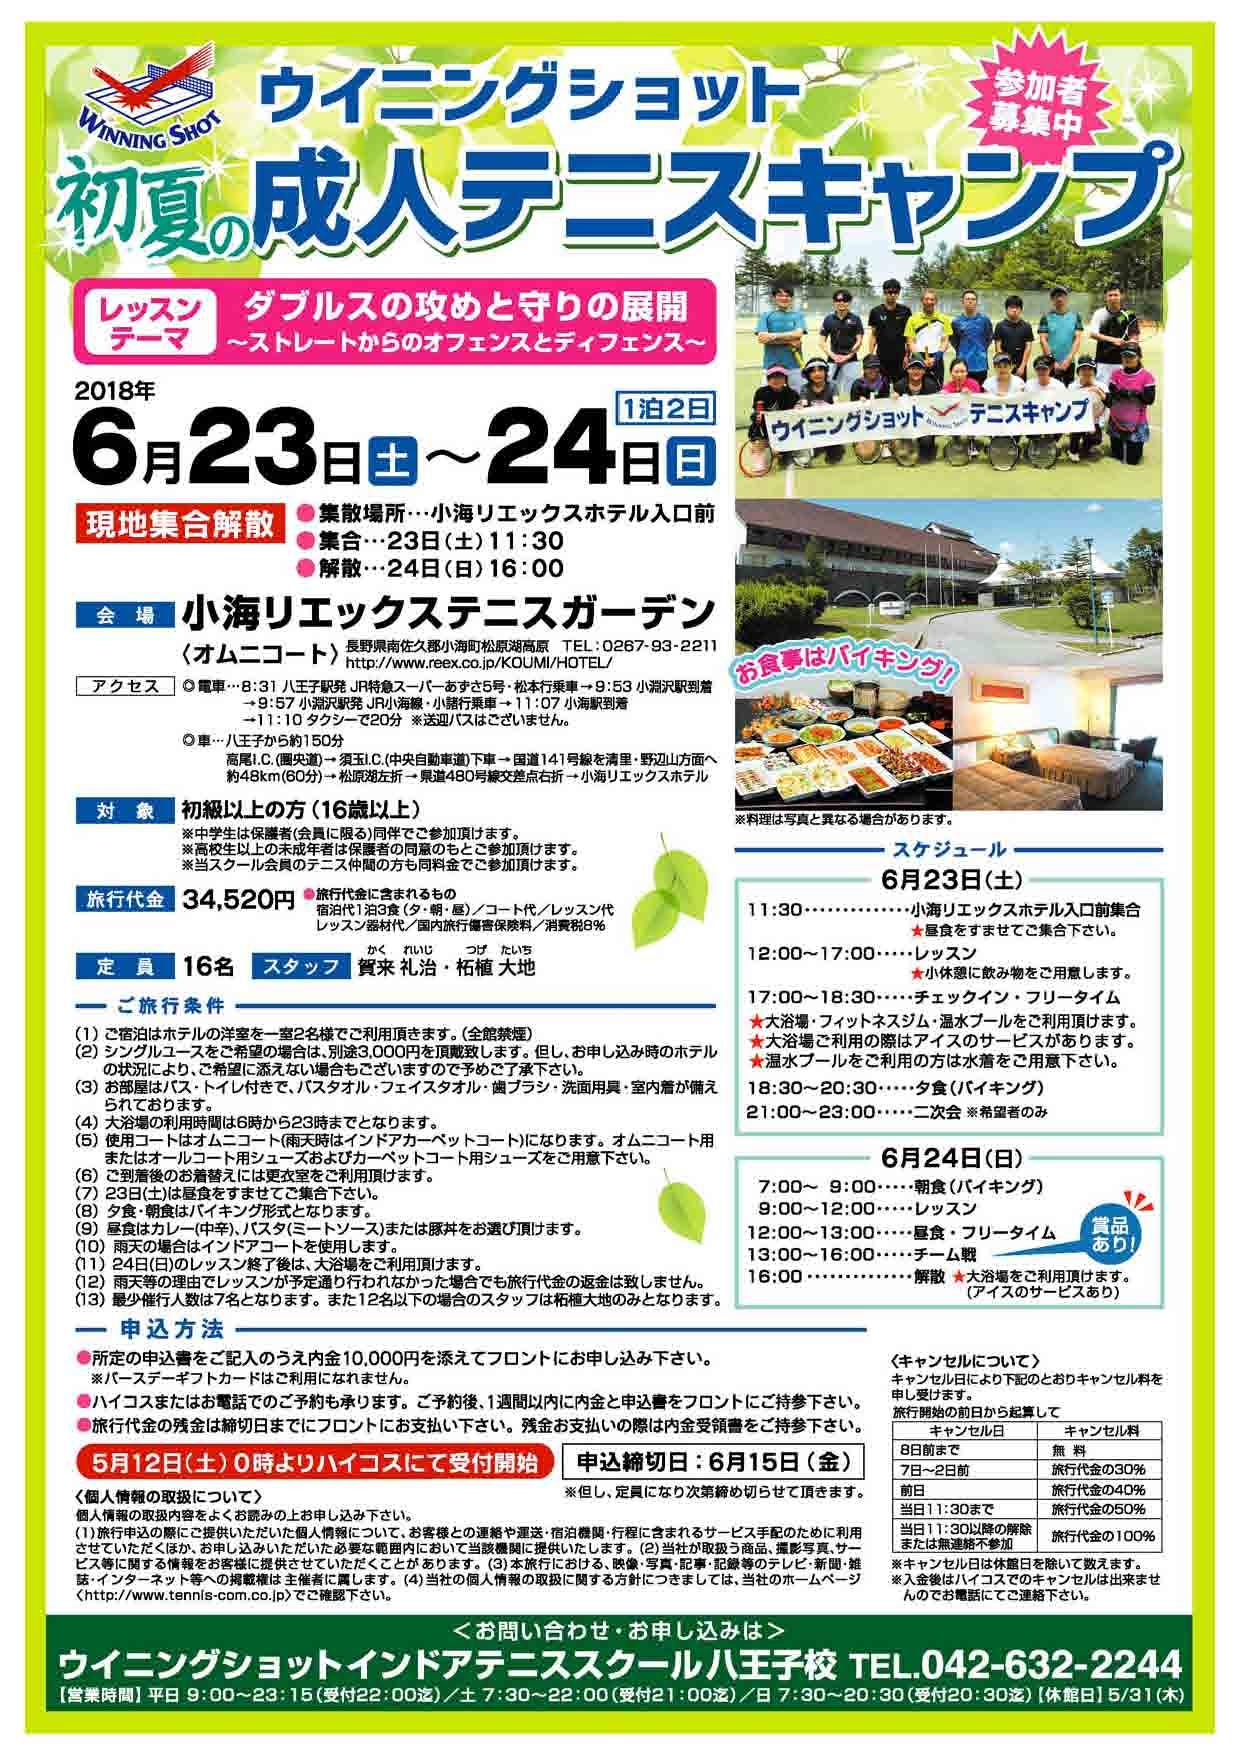 【6/23~24開催】初夏の成人テニスキャンプ